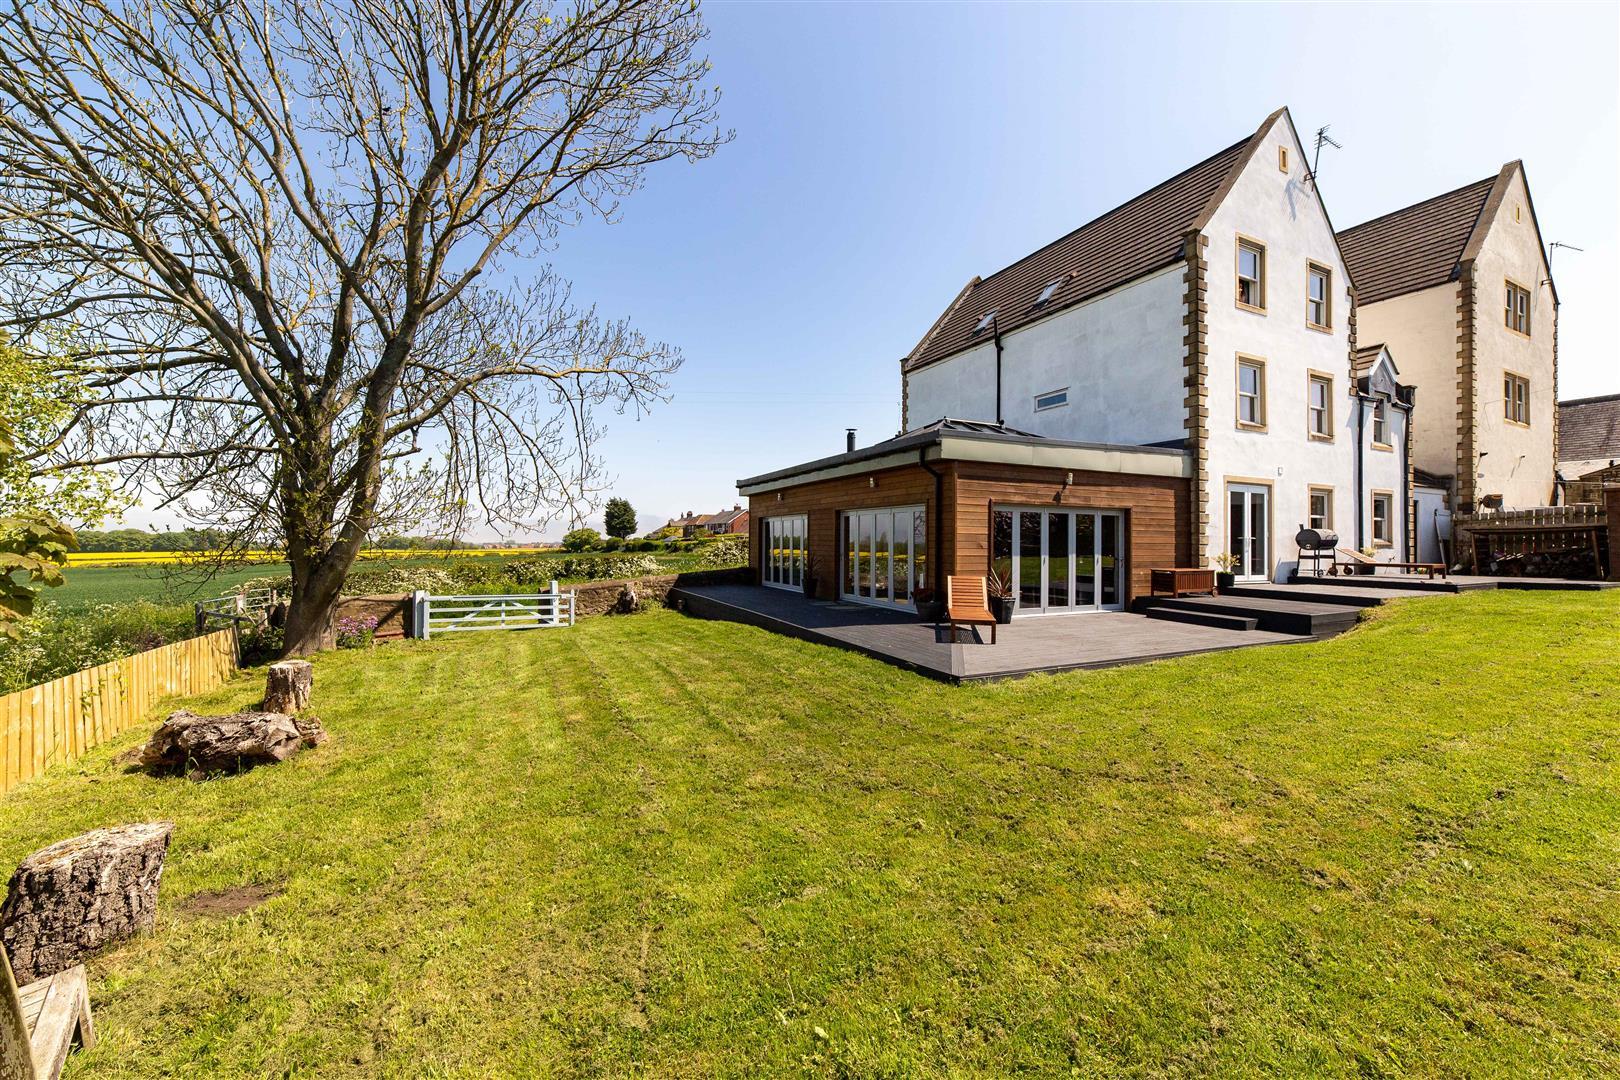 6 bed detached house for sale, Bedlington, NE22